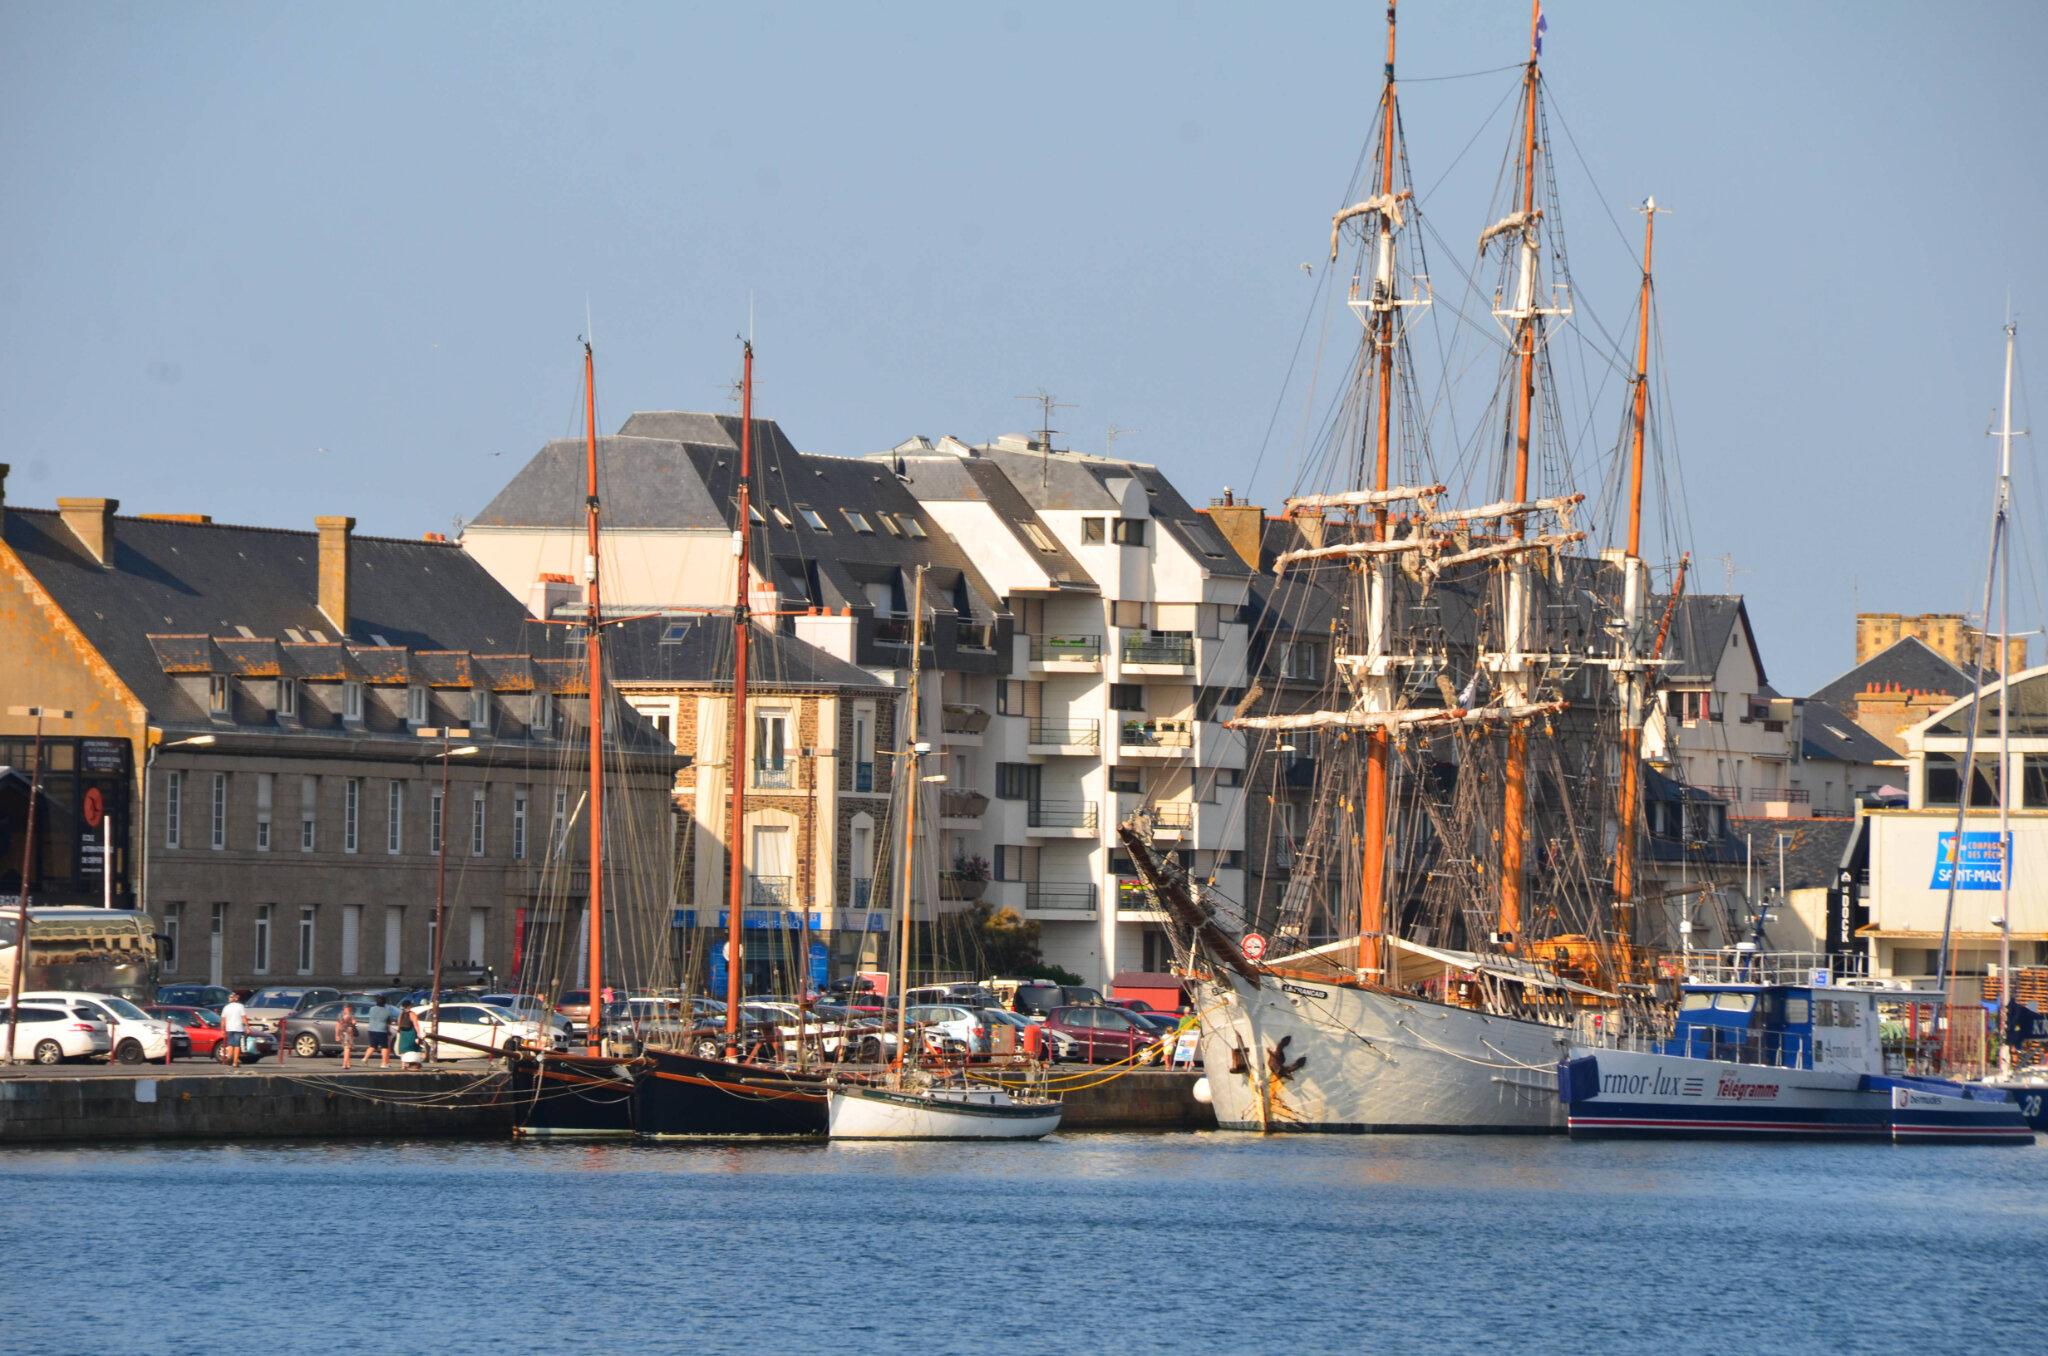 Saint Malo : la ville corsaire